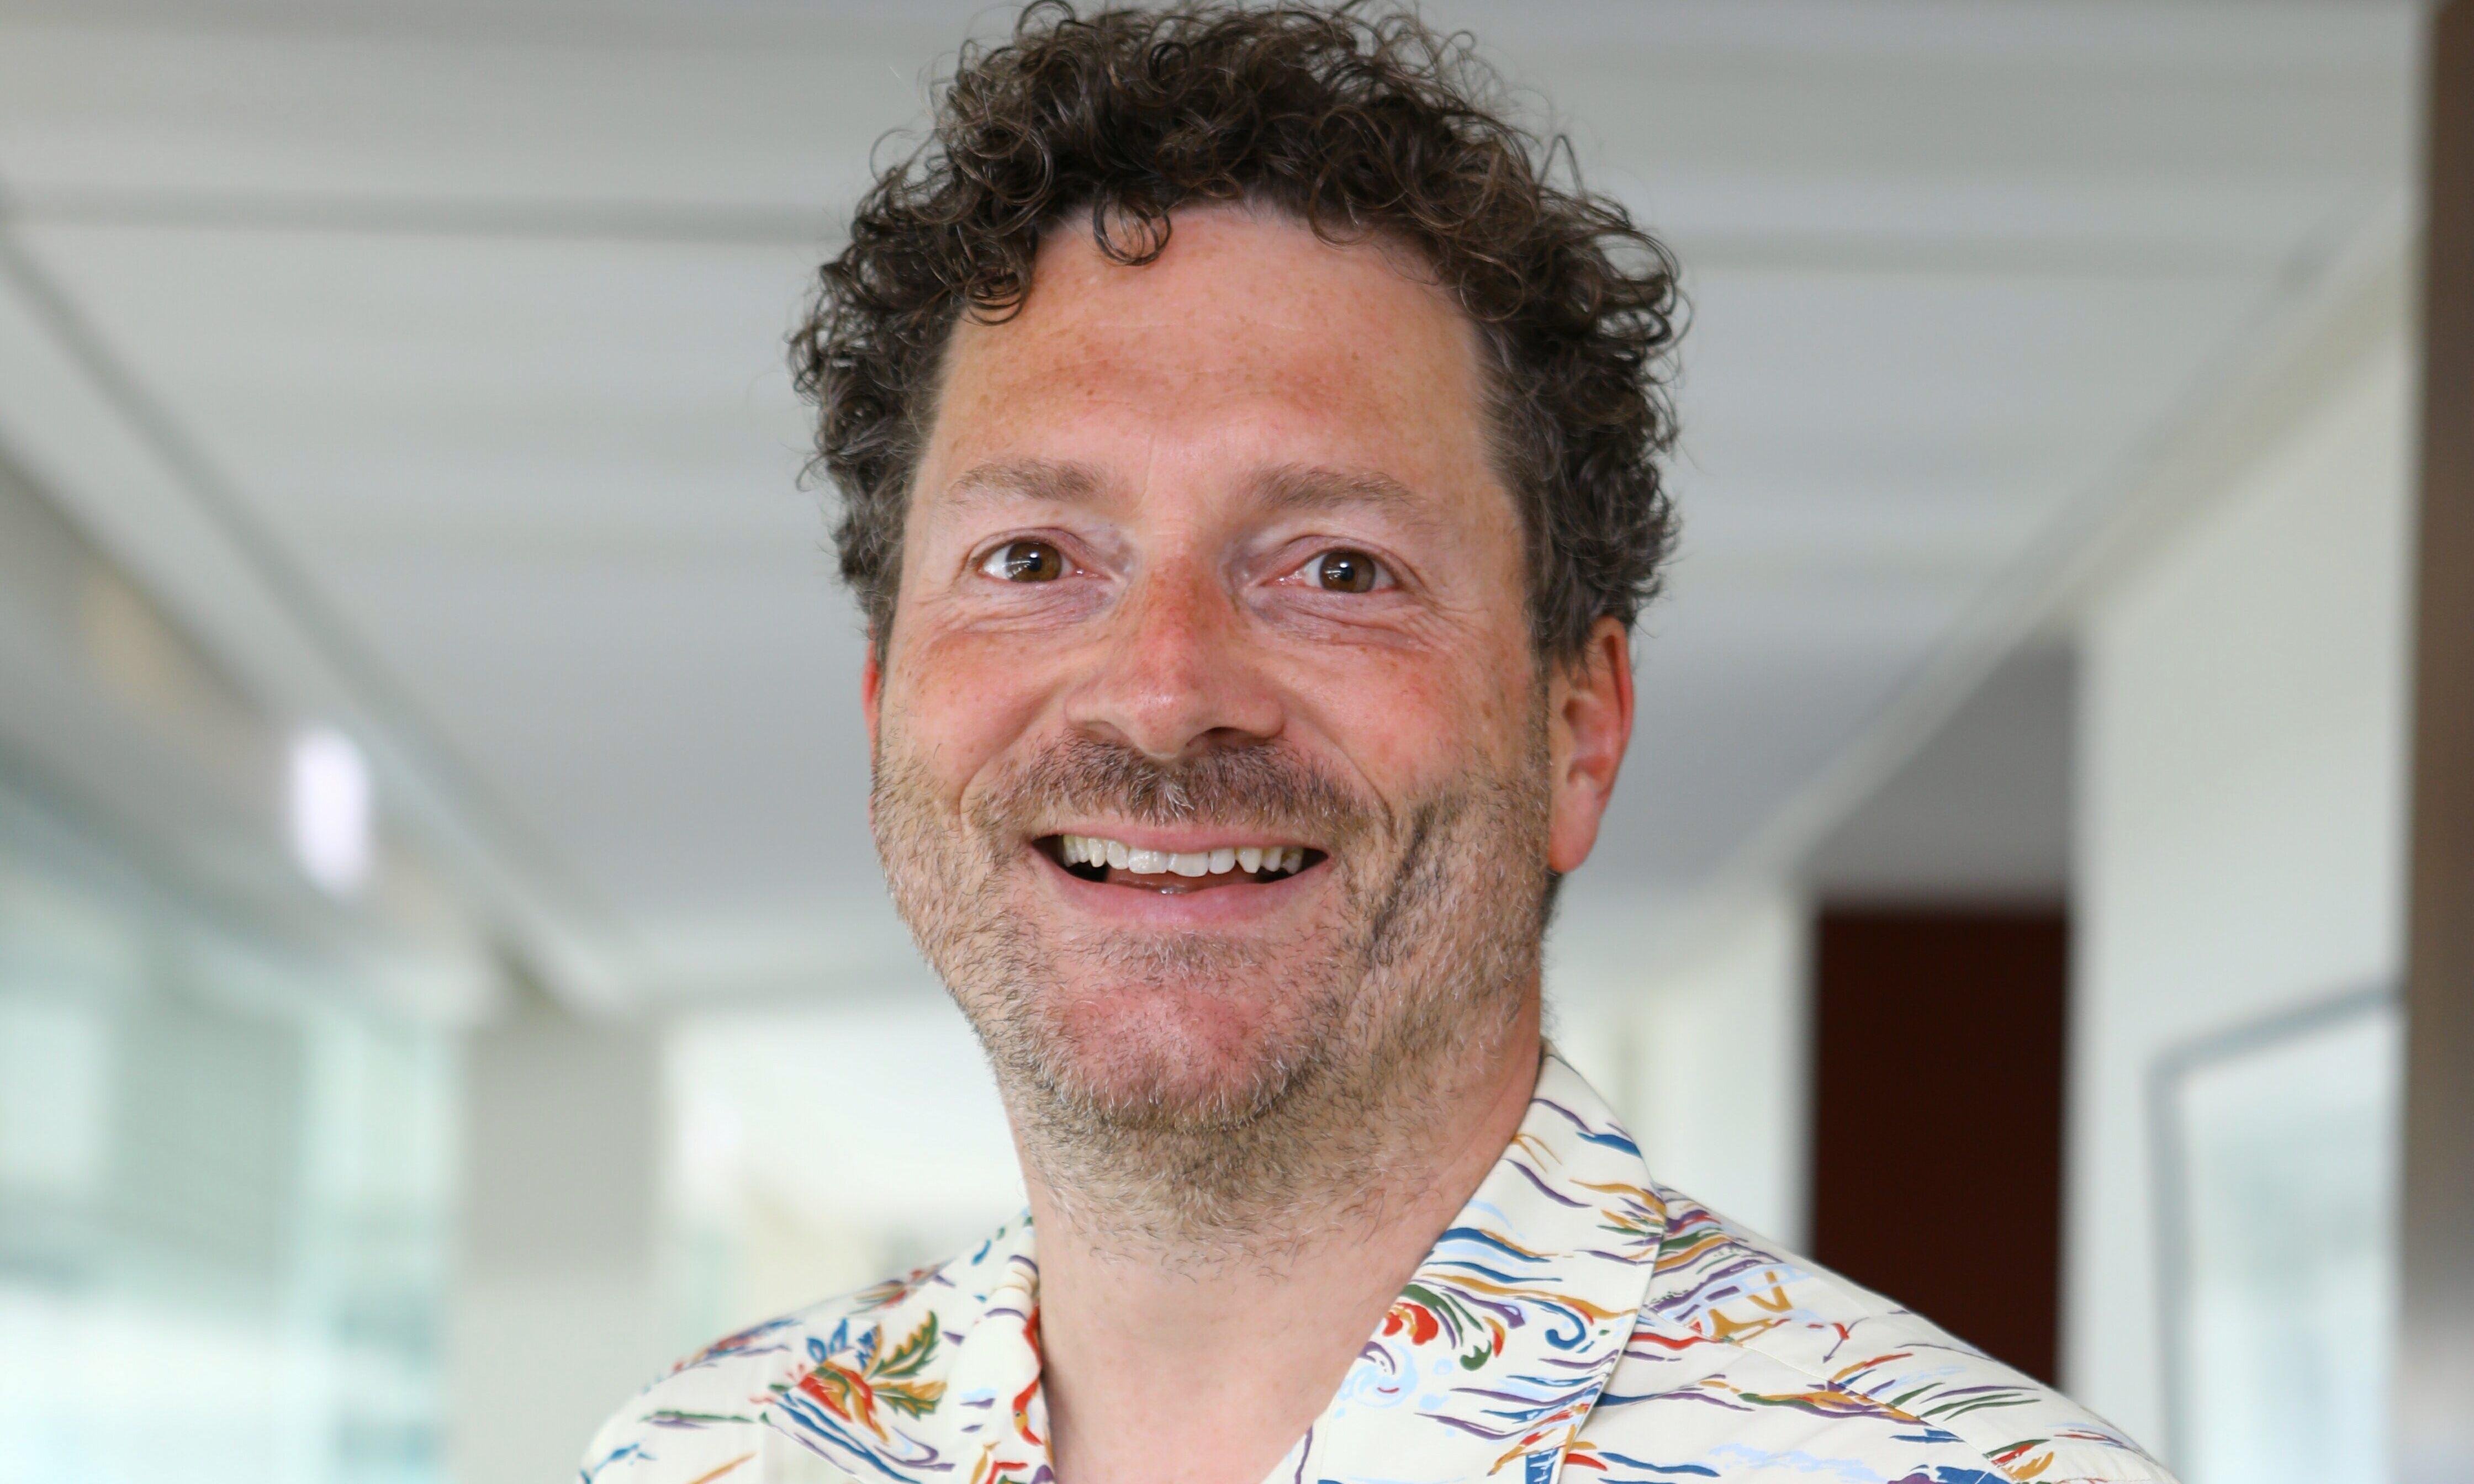 Chris van der Kuyl